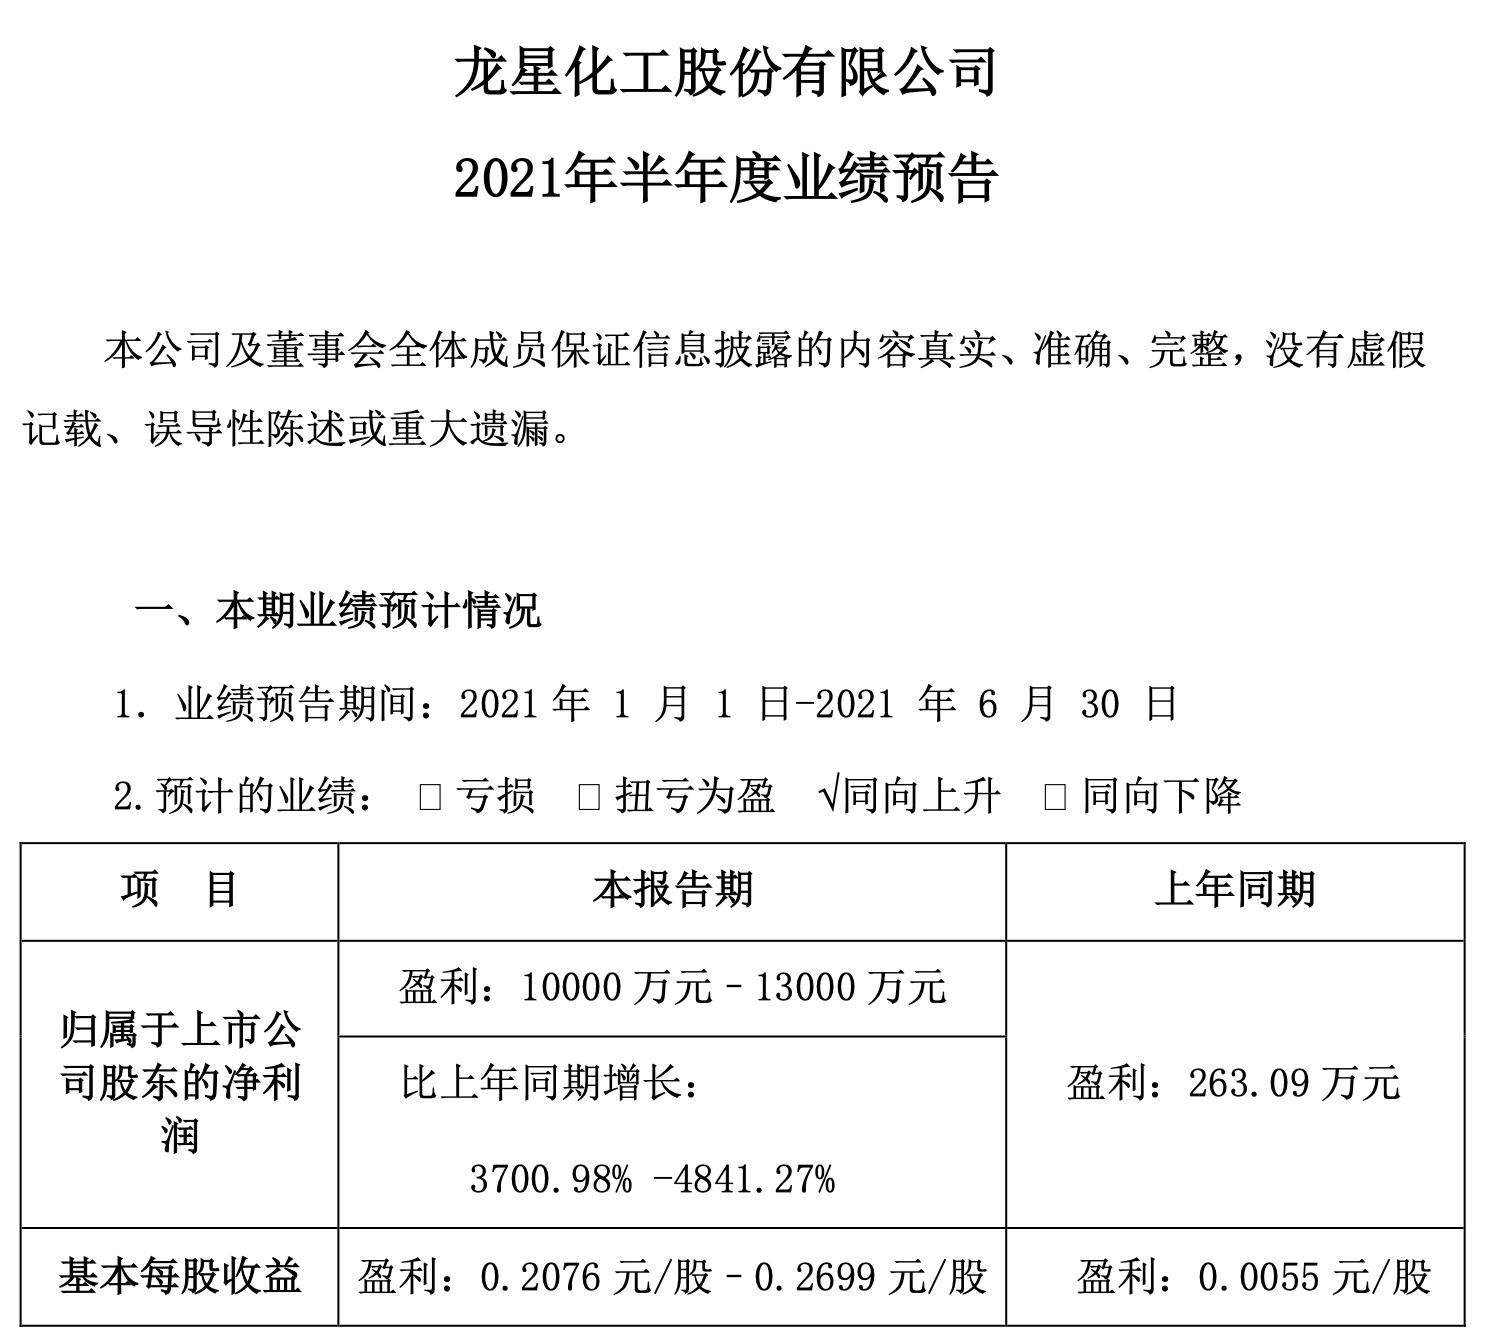 炭黑产销两旺 龙星化工上半年净利预增3701%-4841%